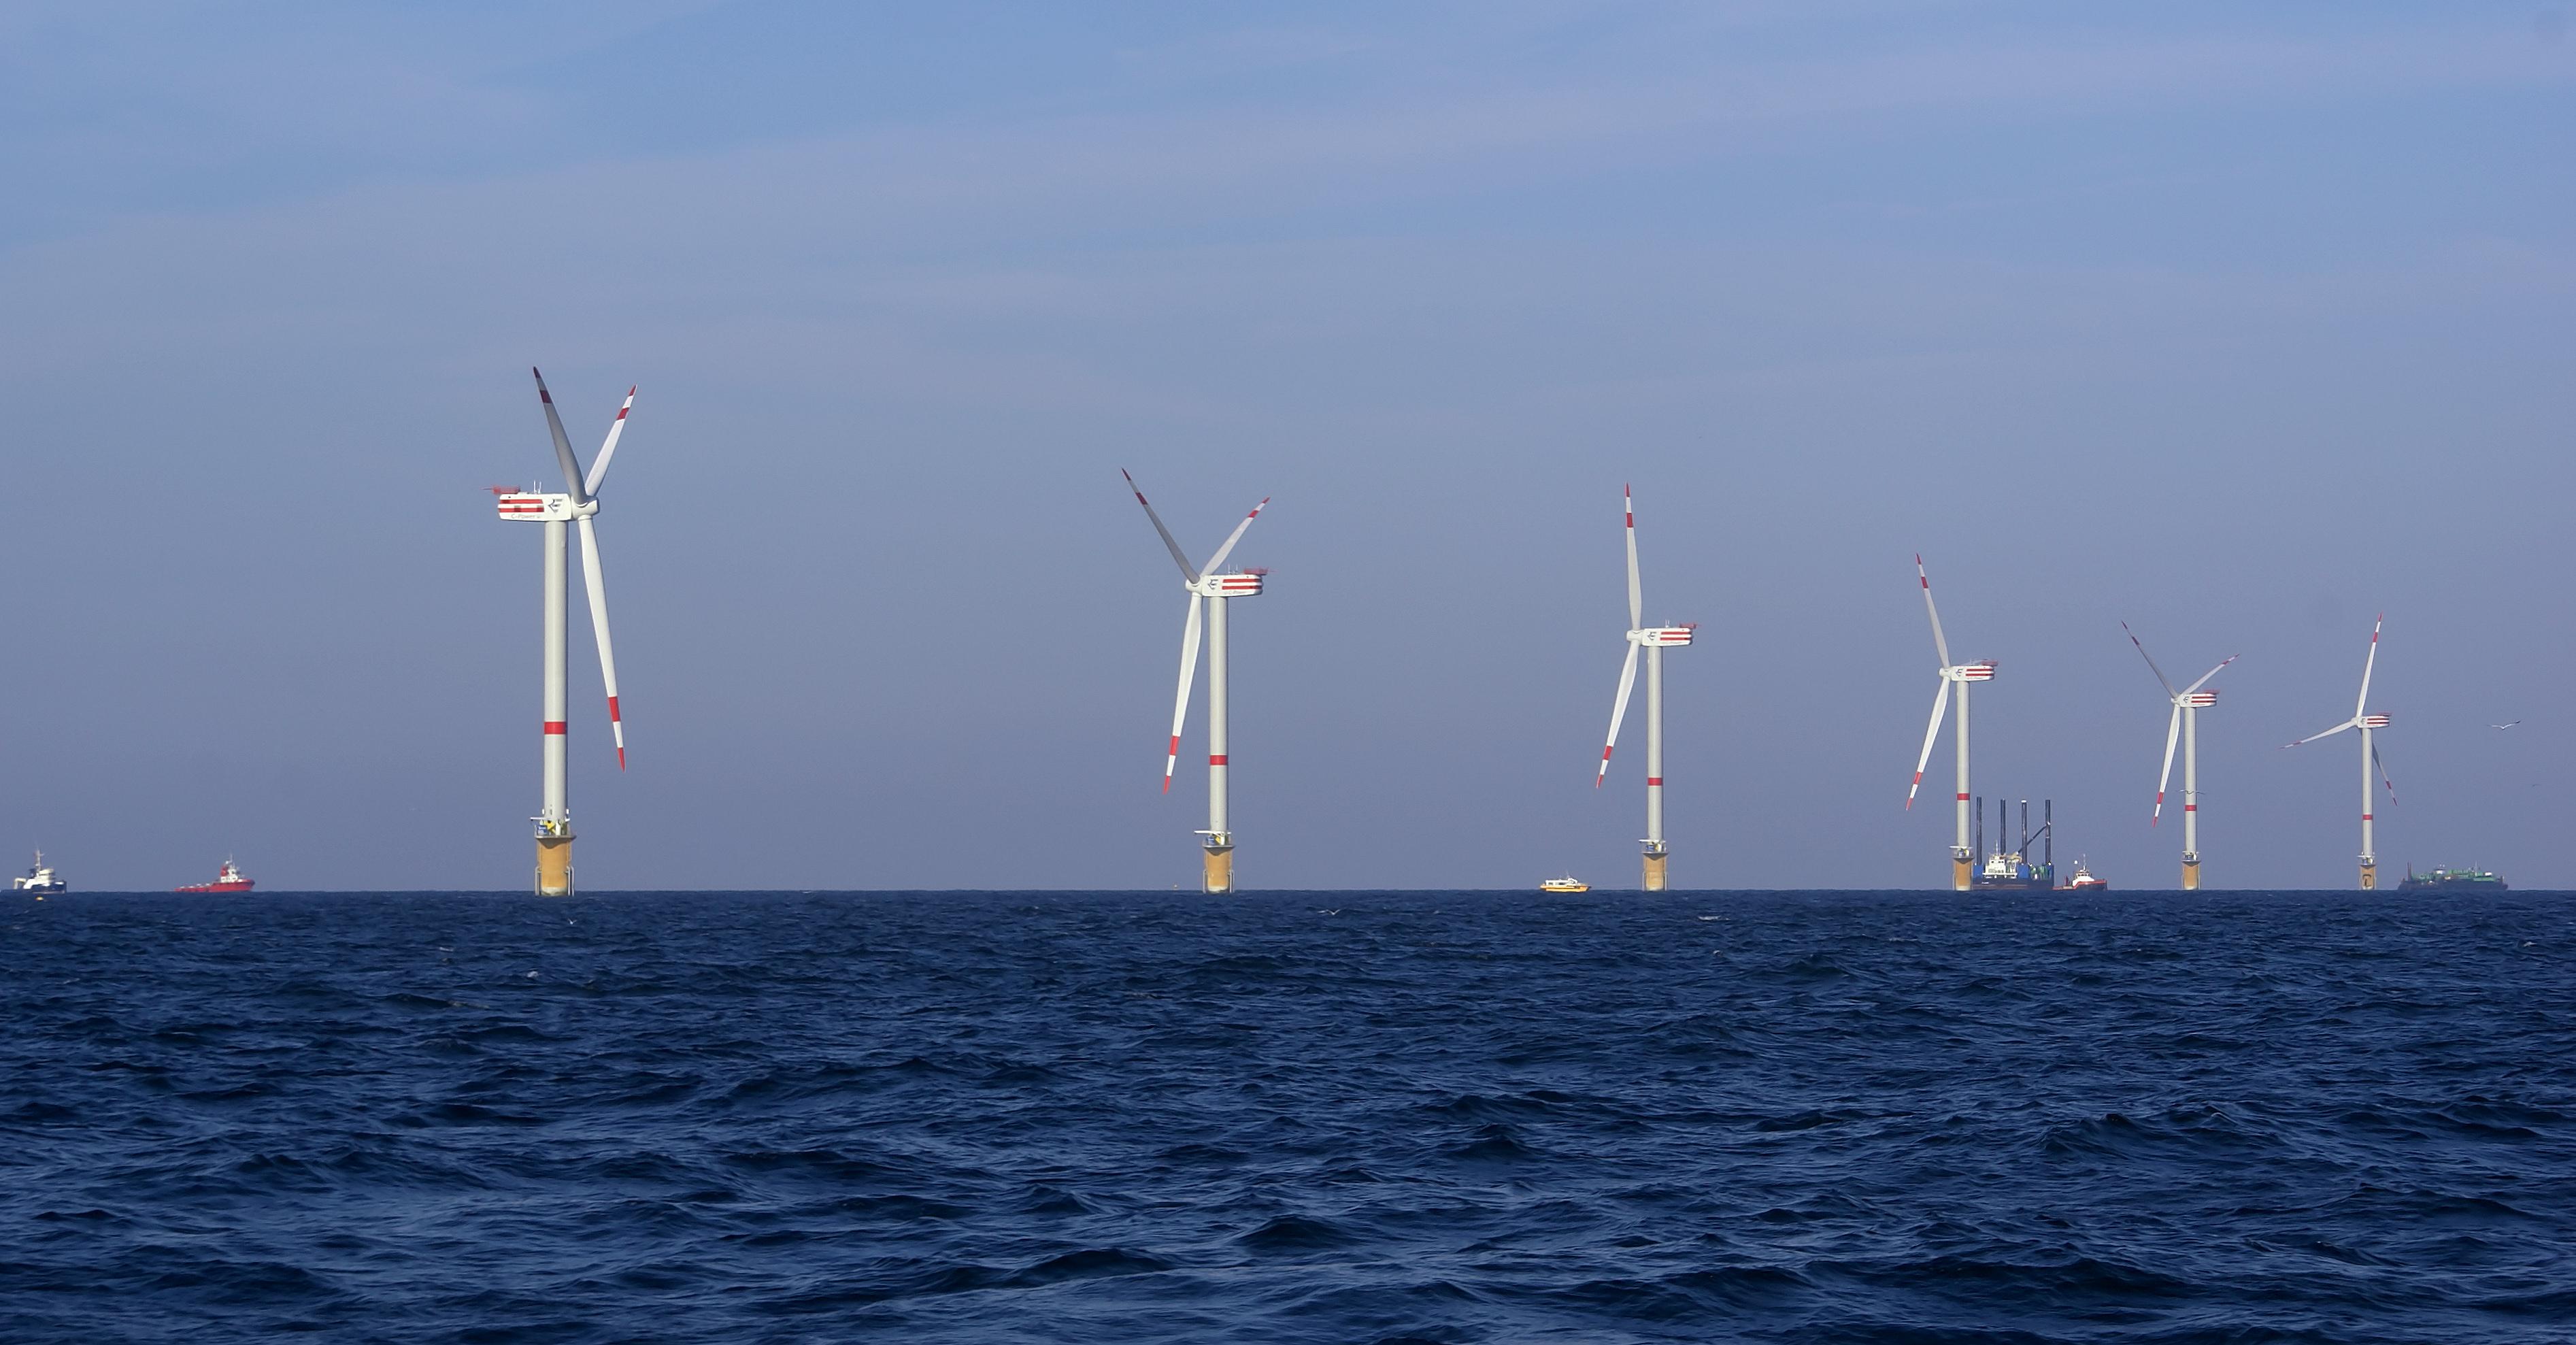 L'éolien offshore : un vent responsable?